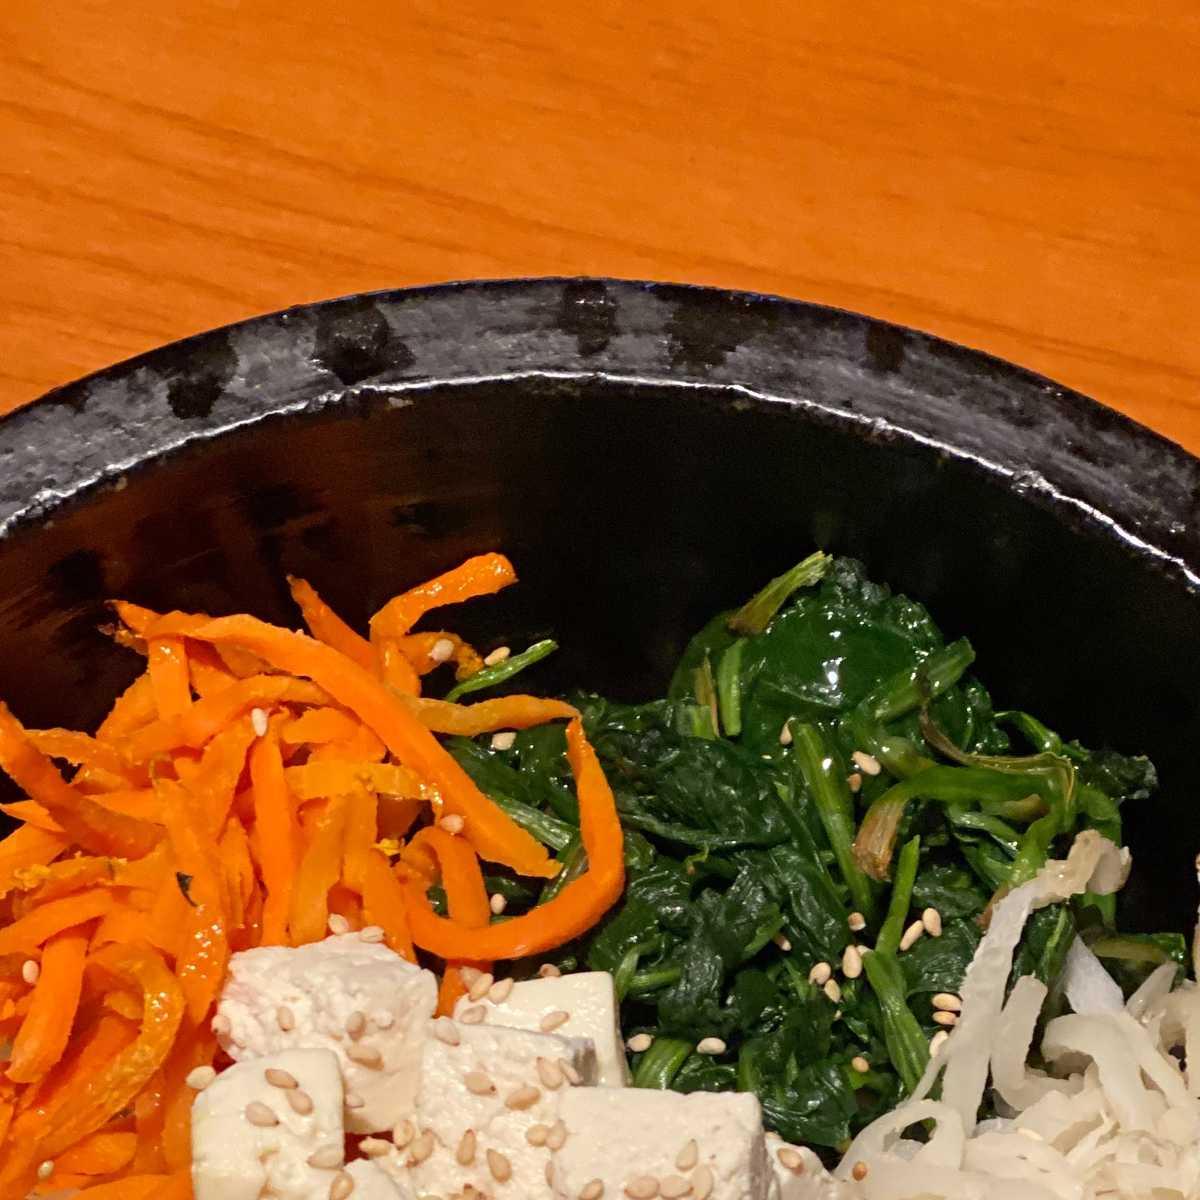 Tofu Kitchen Johns Creek Livraison Et Plats A Emporter 10900 Medlock Bridge Road Johns Creek Menu Et Prix Doordash